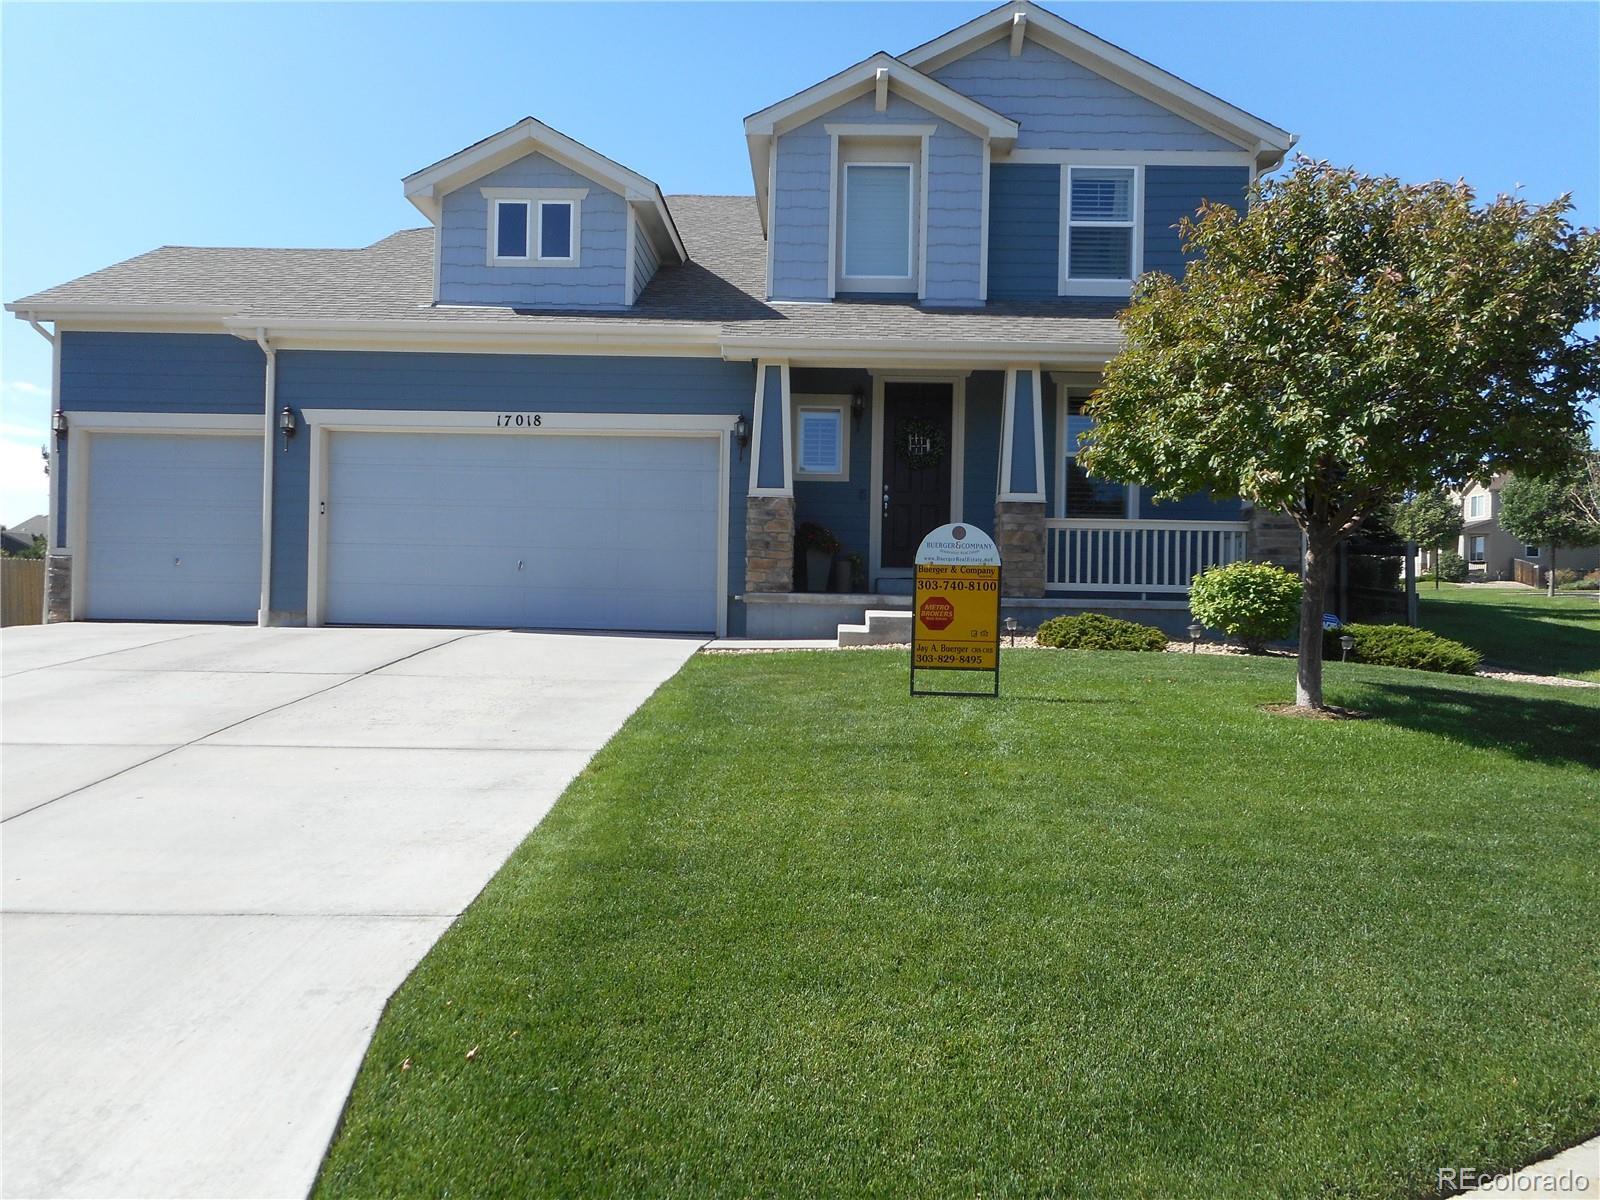 MLS# 6882809 - 1 - 17018 Golden Poppy Lane, Parker, CO 80134